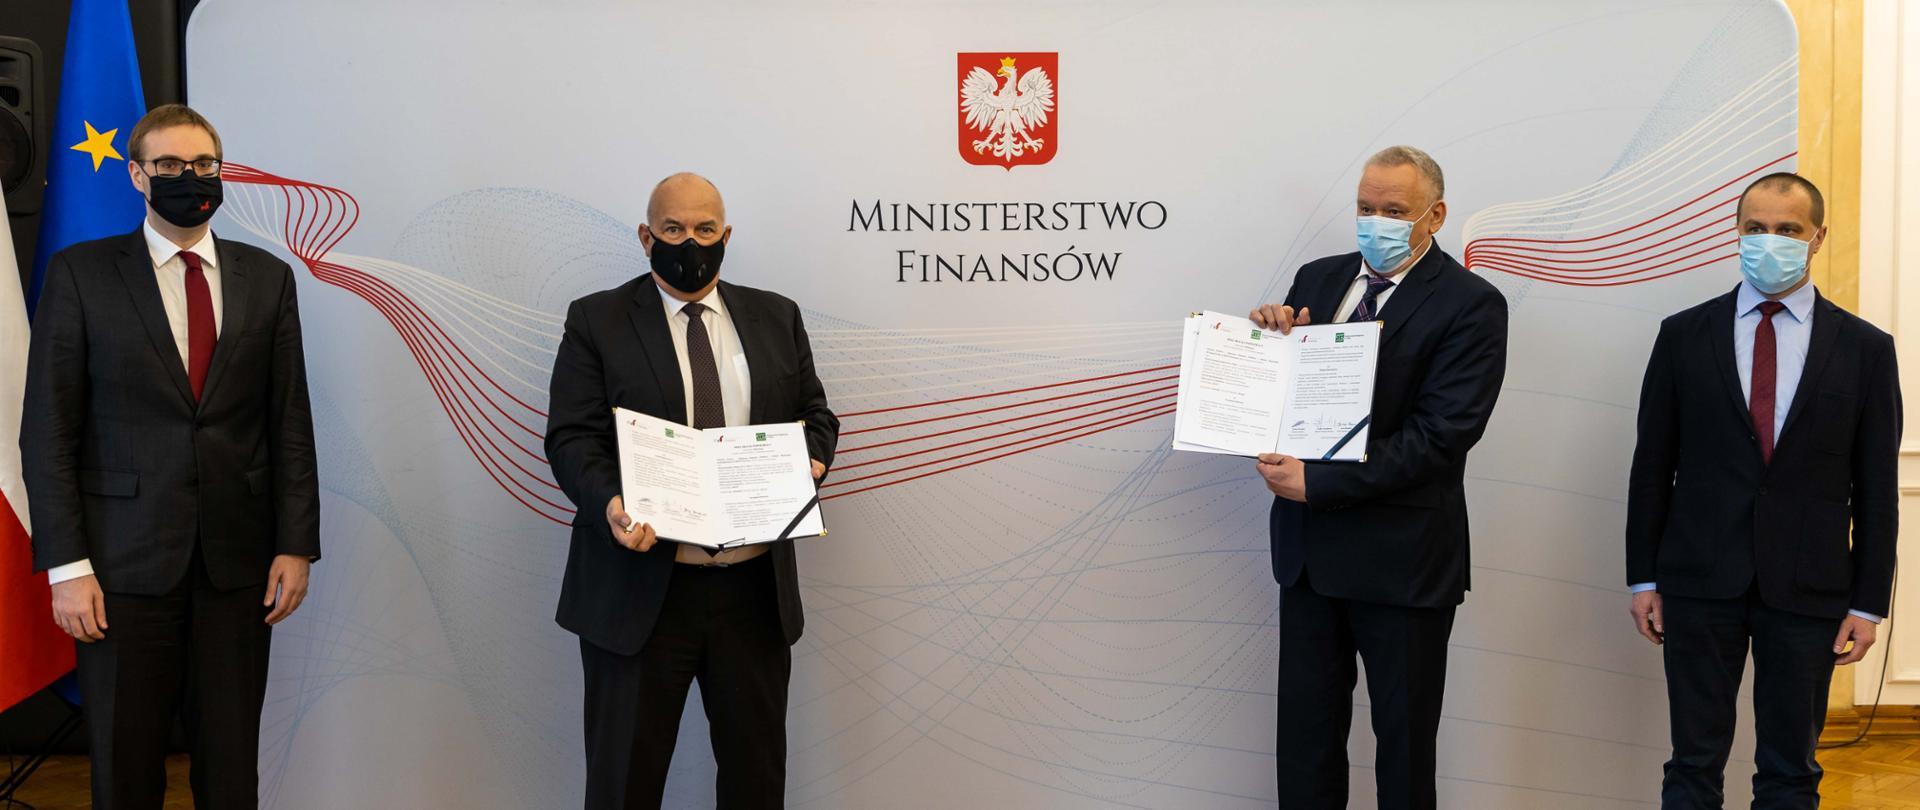 Minister Finansów Tadeusz Kościński, minister Jan Sarnowski oraz przedstawiciele zarządu Stowarzyszeniem Księgowych w Polsce